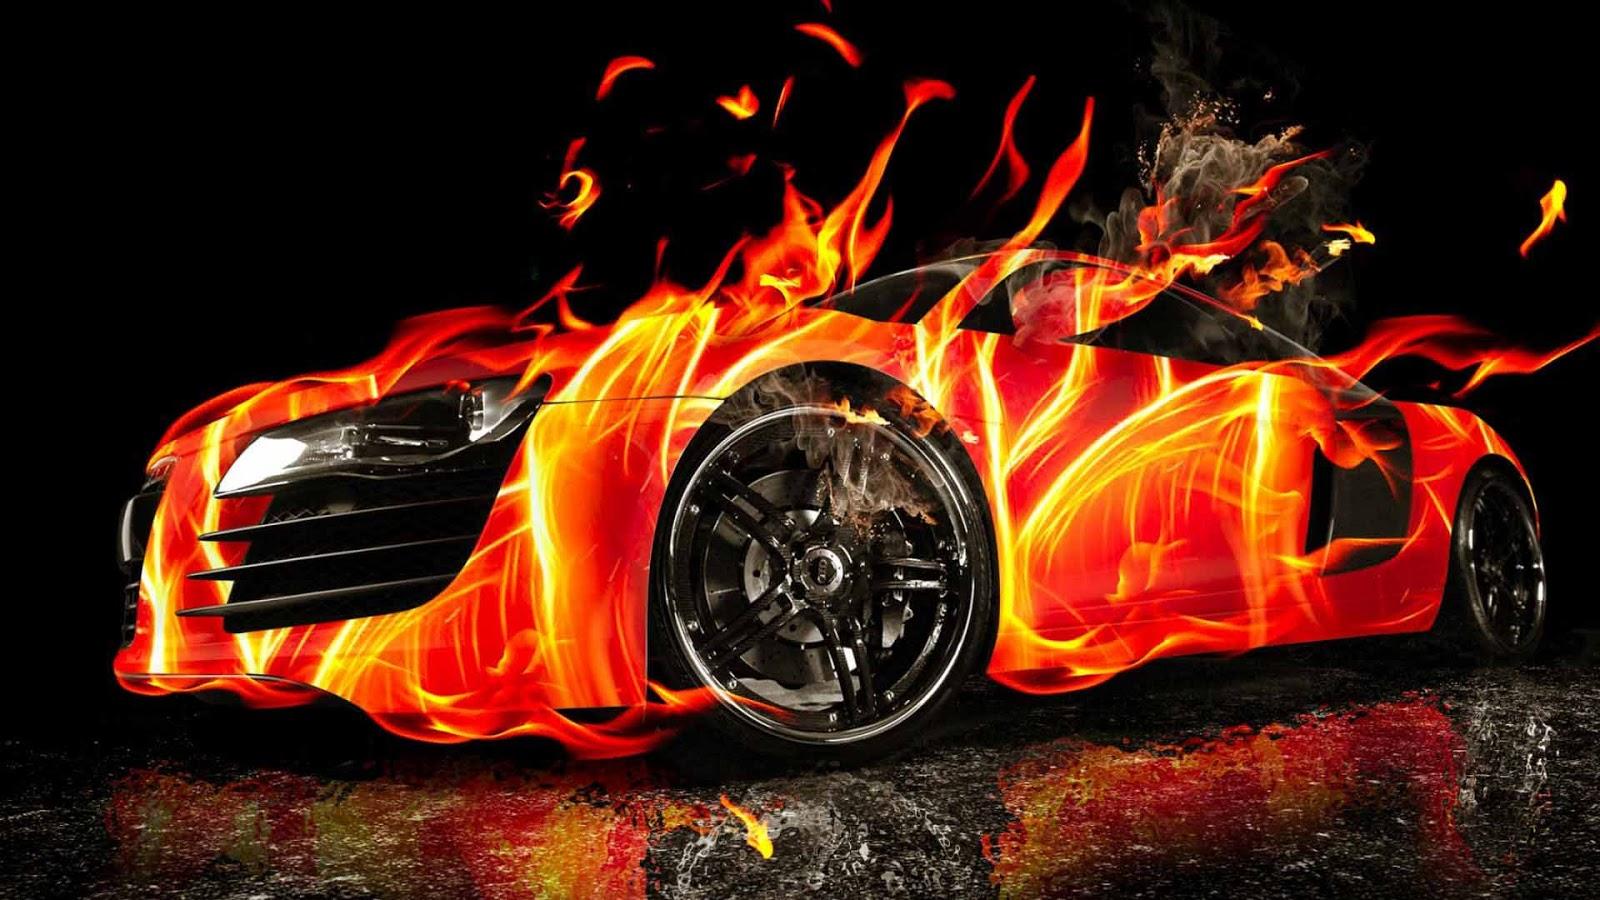 Cool Car Fire Art Wallpaper 5293 Wallpaper Wallpaper Screen 1600x900